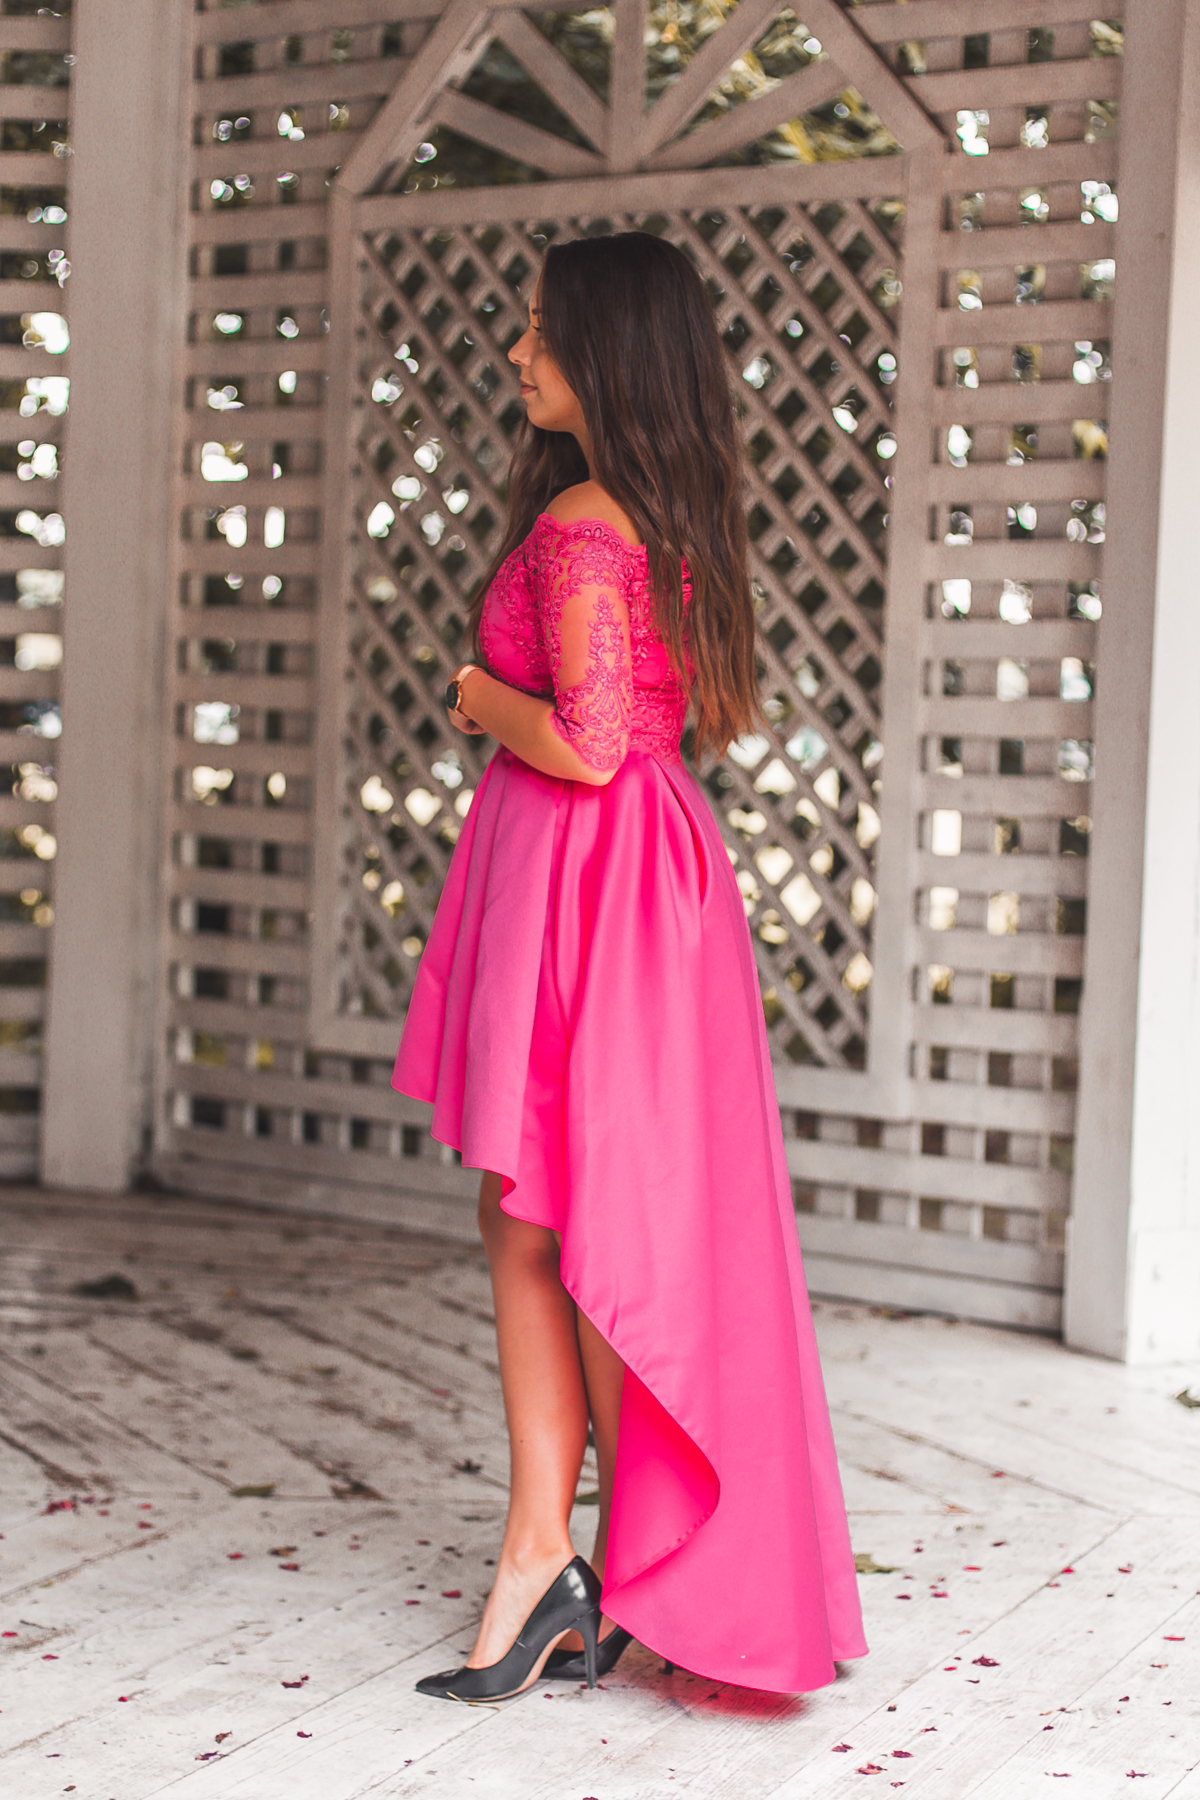 4aacc6d4f1 sukienka z odkrytymi ramionami na wesele asymetryczna różowa sukienka w  kolorze fuksji ...